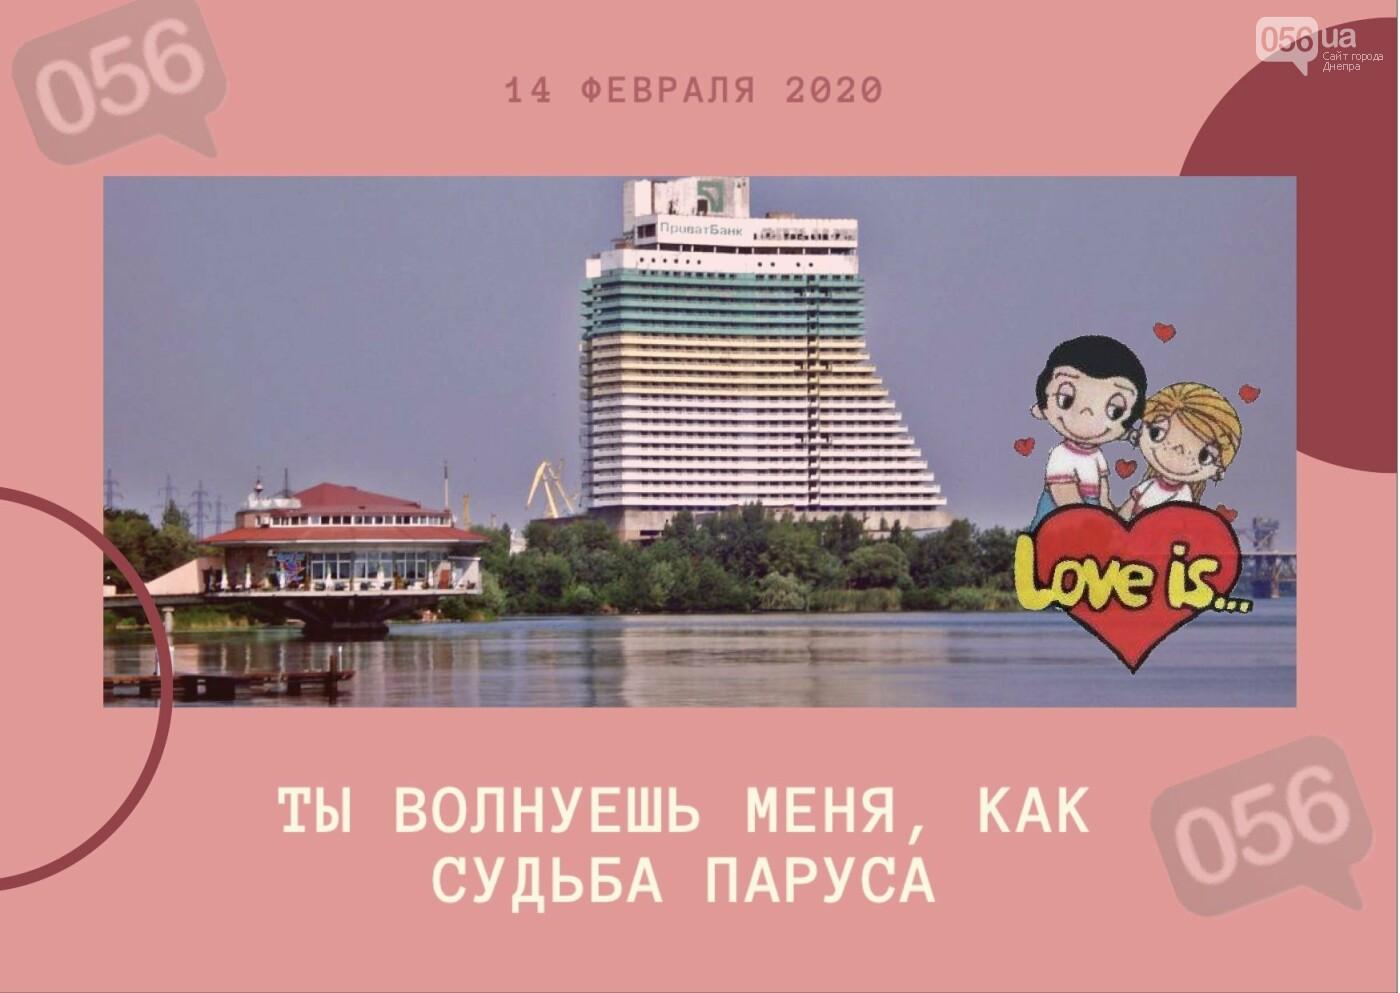 День всех влюблённых в Днепре: валентинки от 056 , фото-1